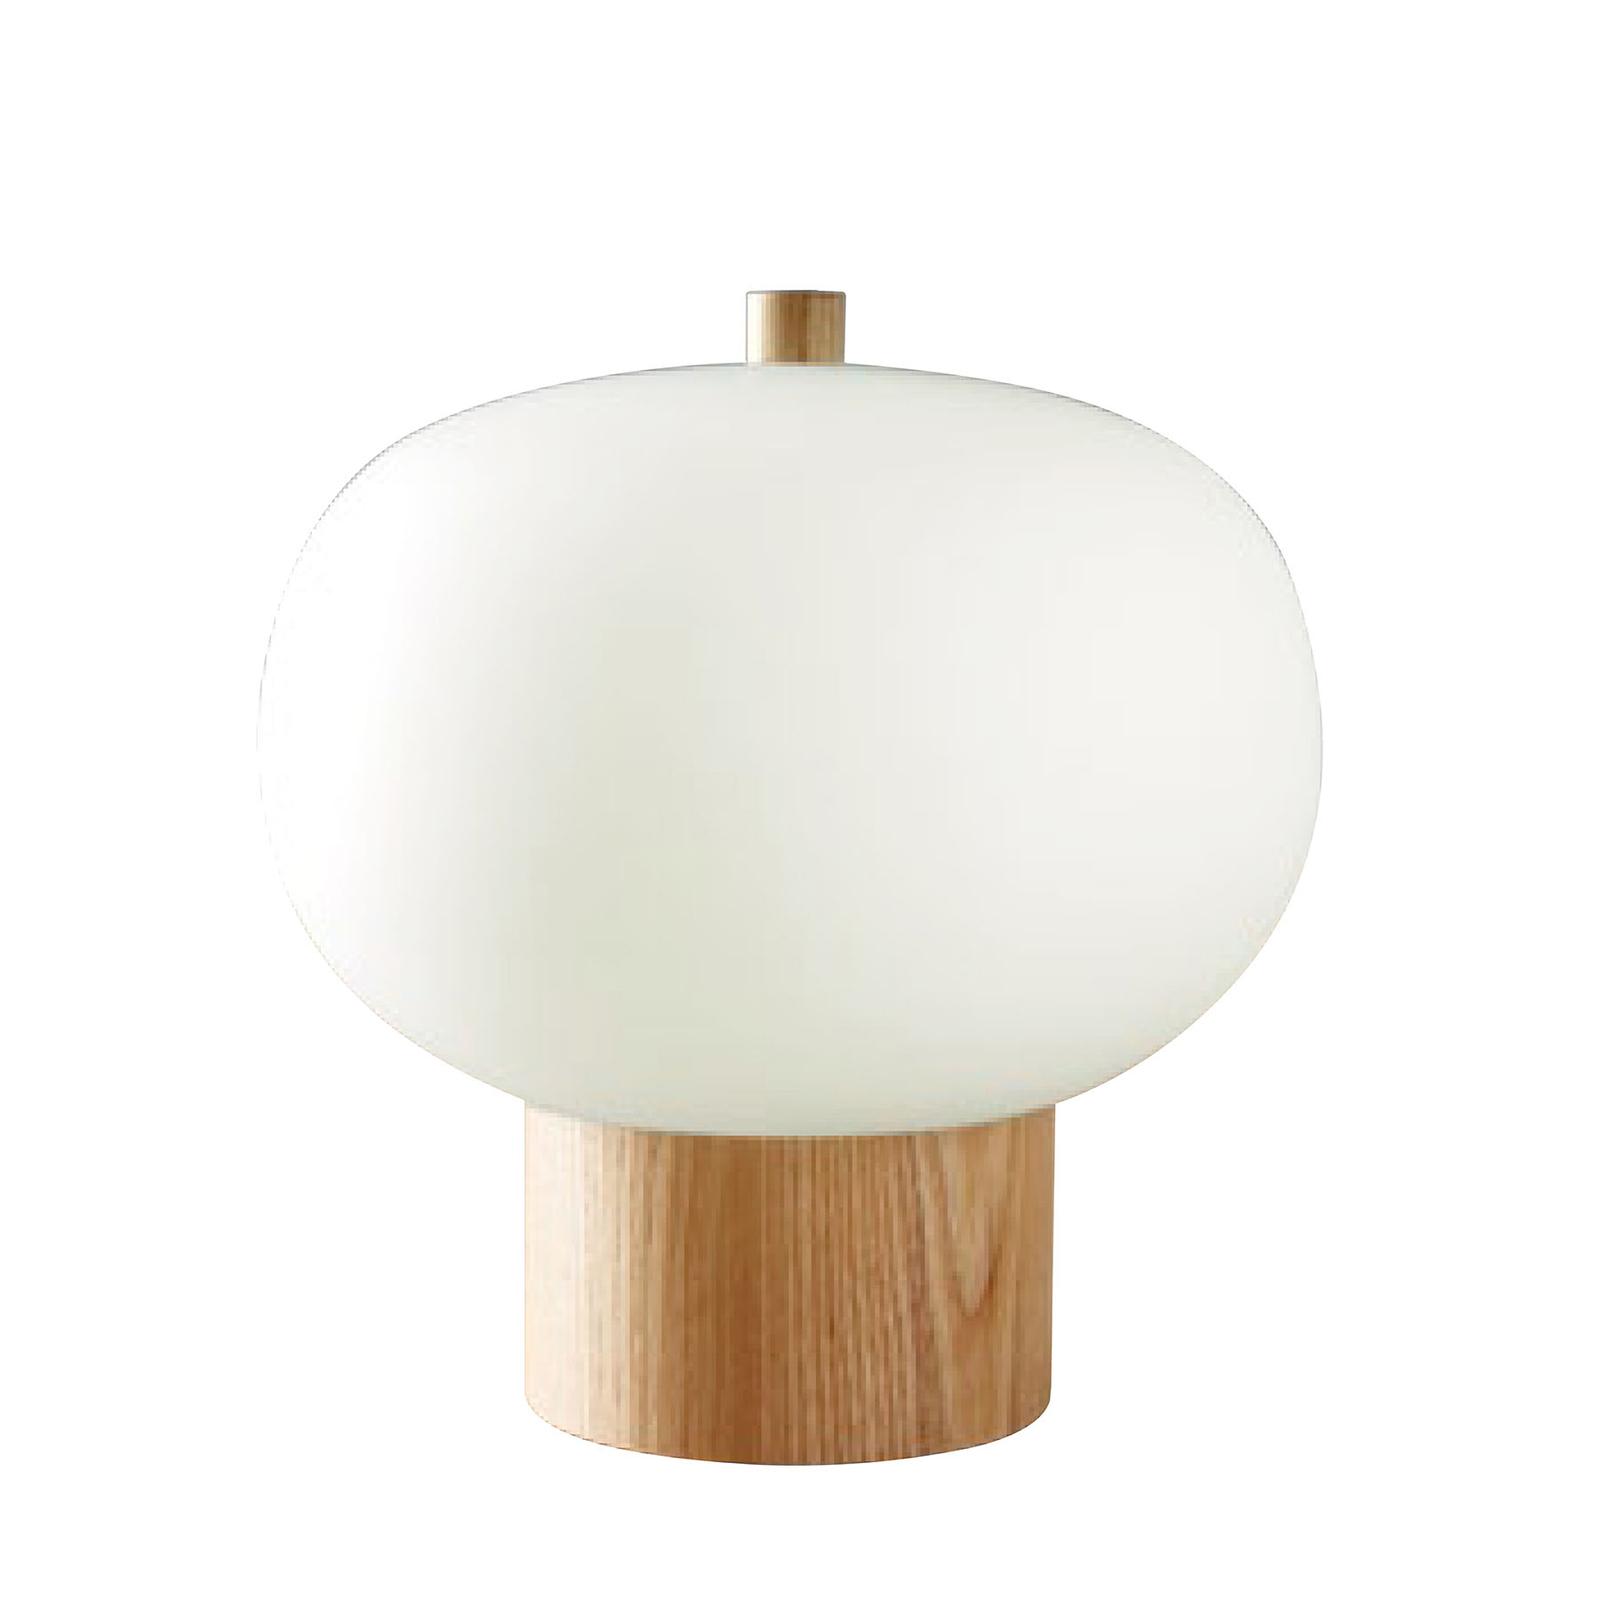 Grok Ilargi LED-Tischlampe hell Ø 24cm Touchdimmer